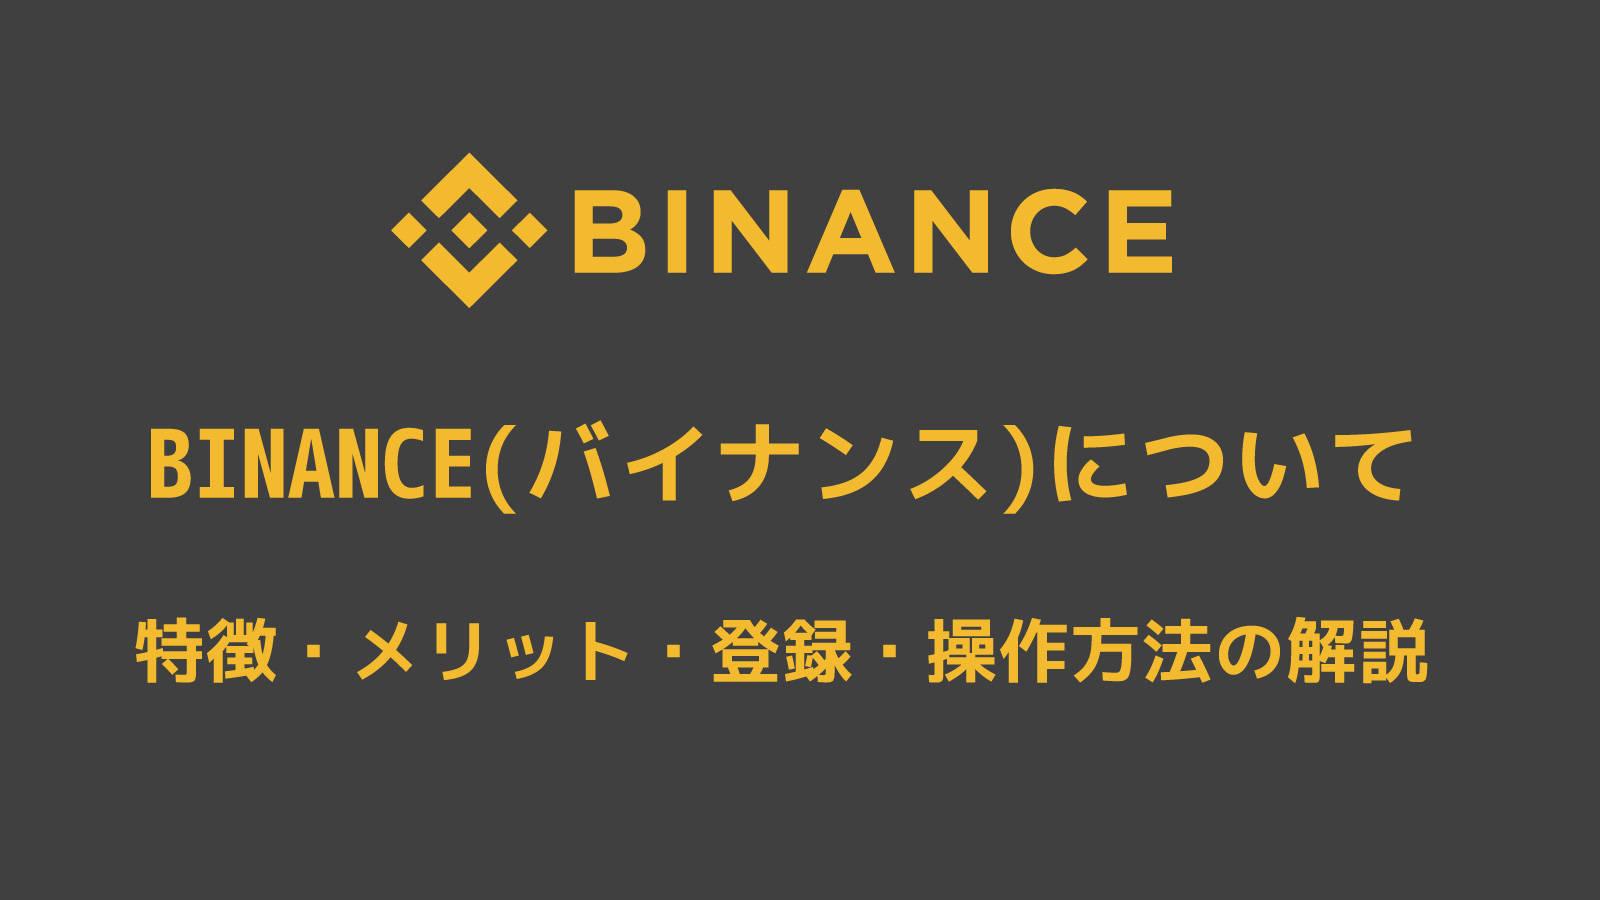 BINANCE(バイナンス)について。特徴・メリット・登録・操作方法の解説